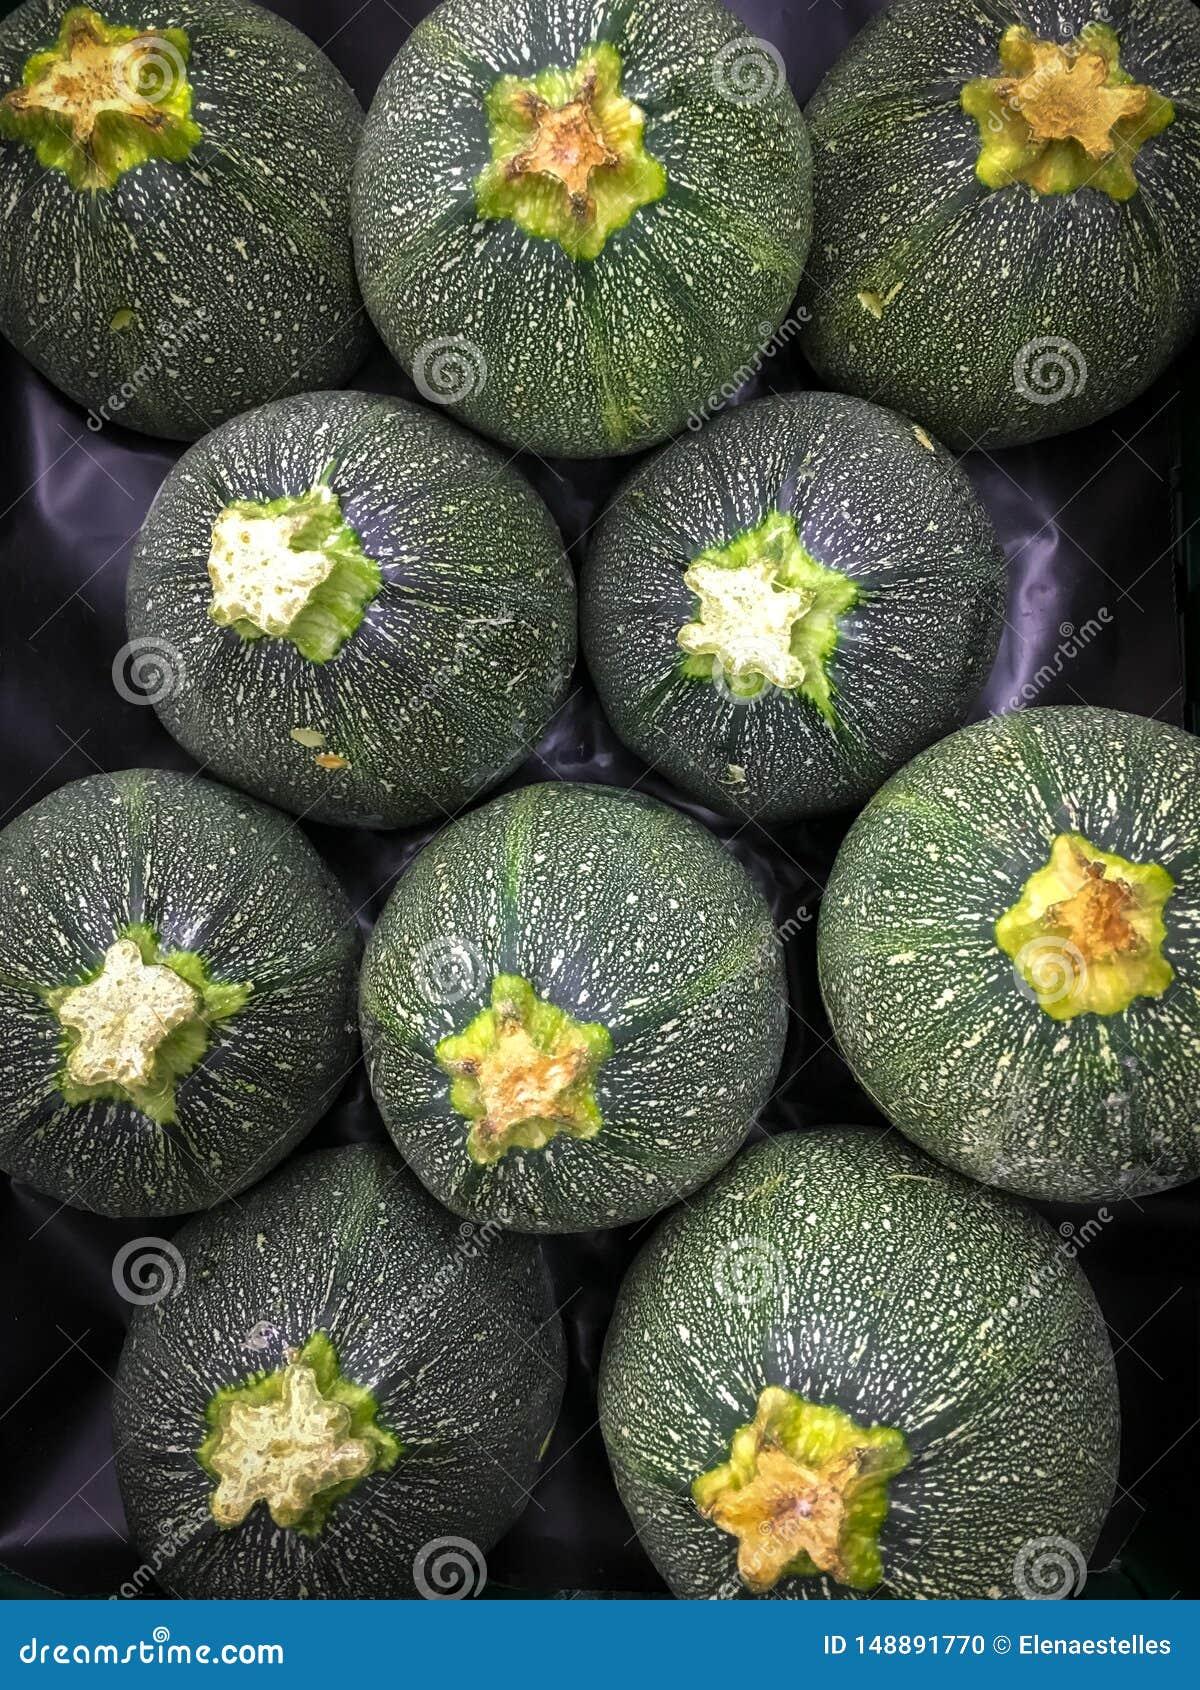 Zucchini rotondo dalla Spagna